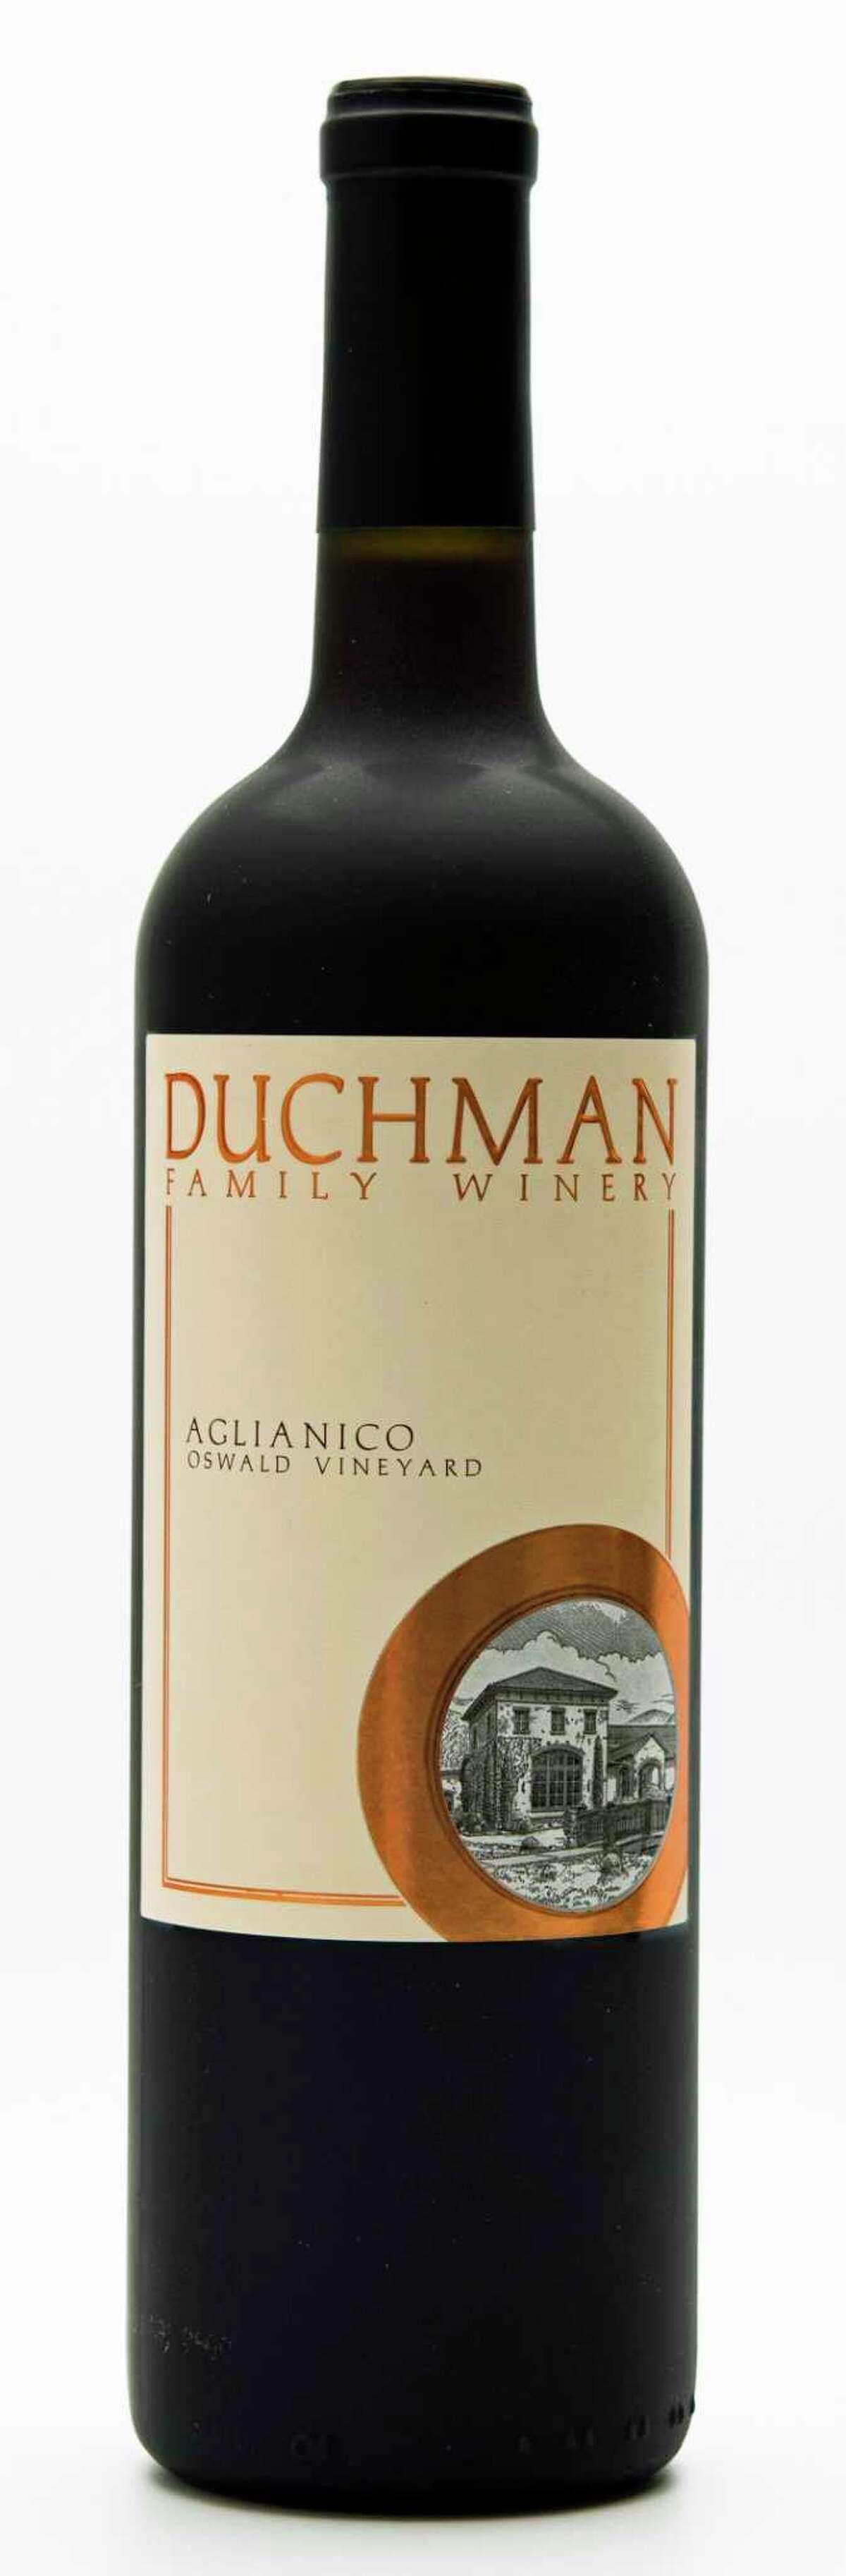 2015 Duchman Family Winery Aglianico, Oswald Vineyard